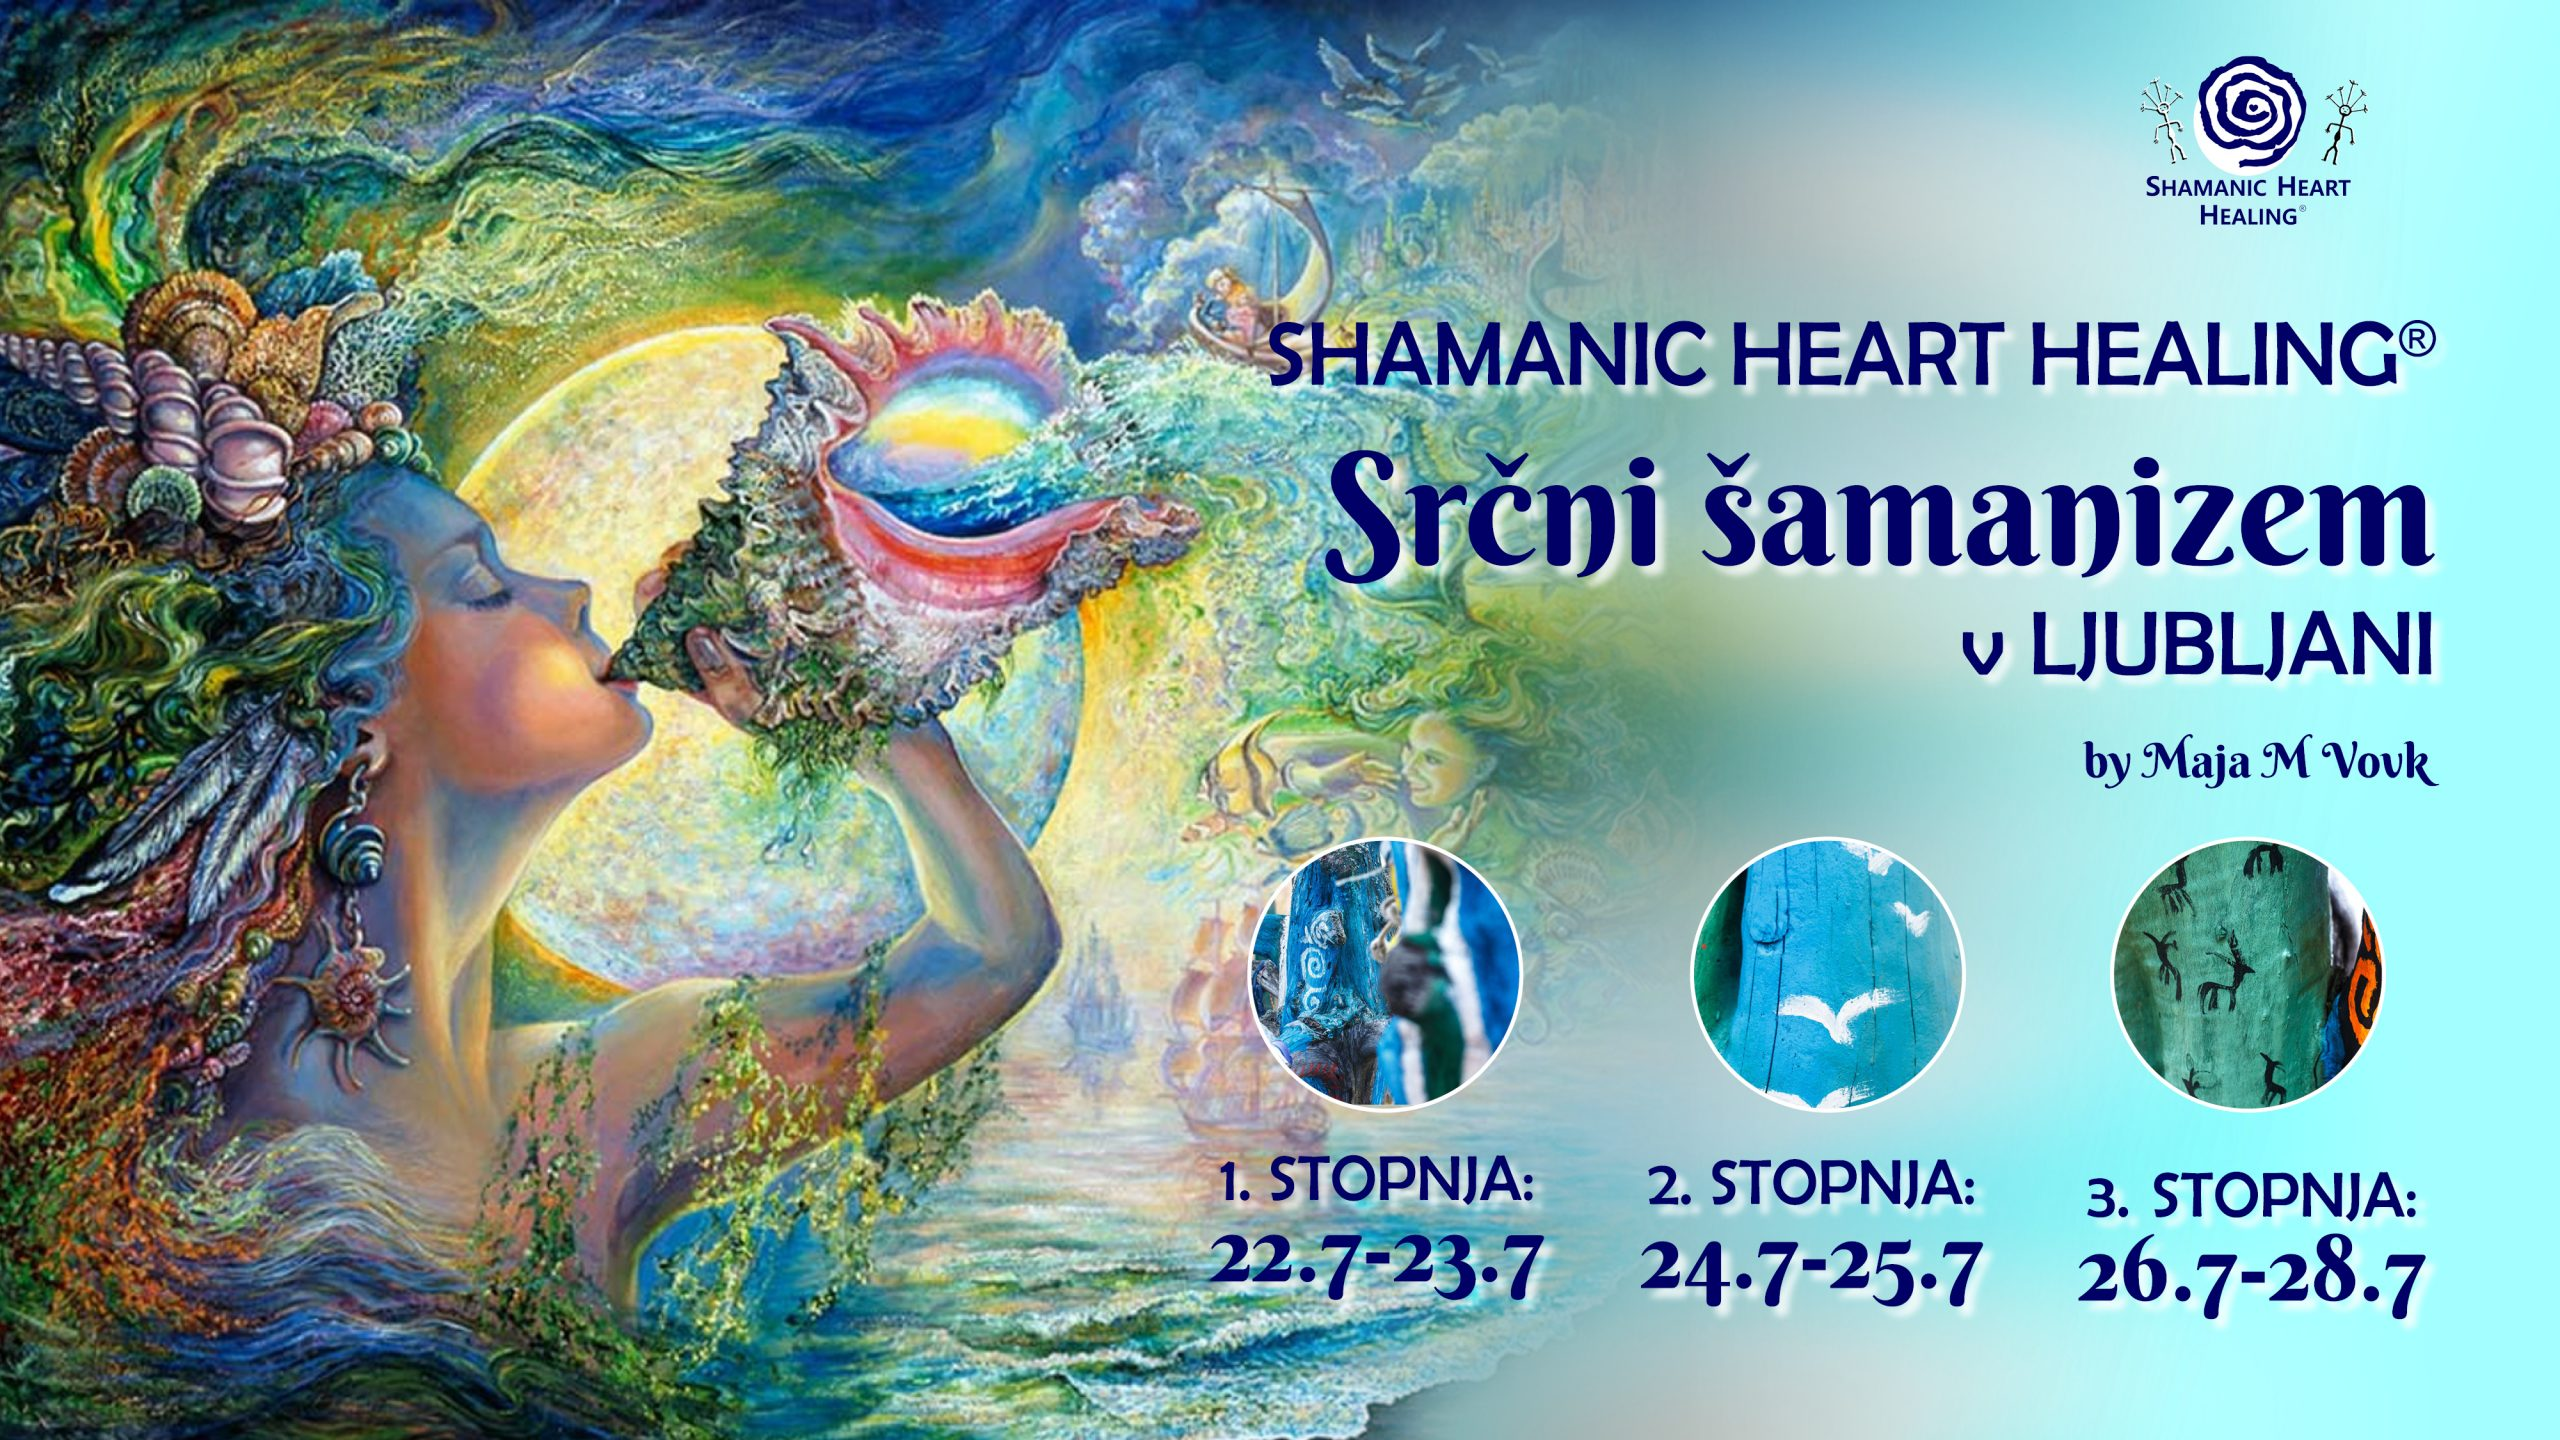 DELAVNICA SHAMANIC HEART HEALING® - SRČNI ŠAMANIZEM PRVA & DRUGA & TRETJA STOPNJA 1